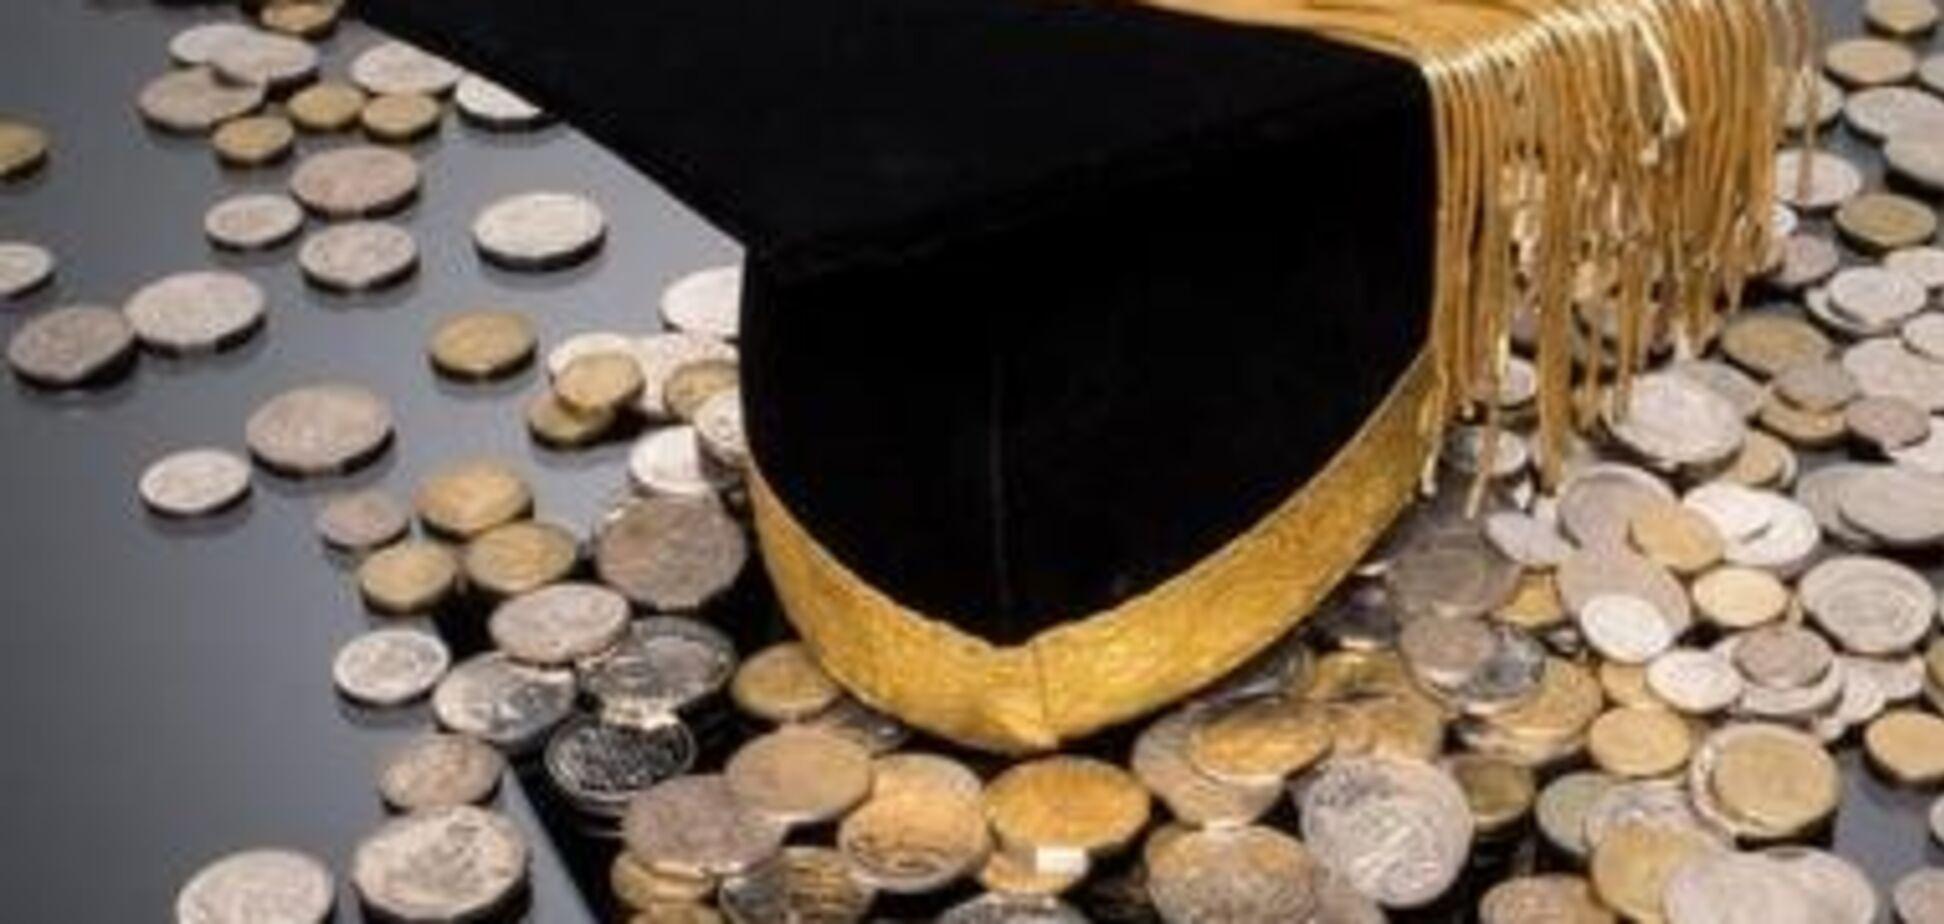 Моделі фінансування освіти: яка є дійсно нашою?